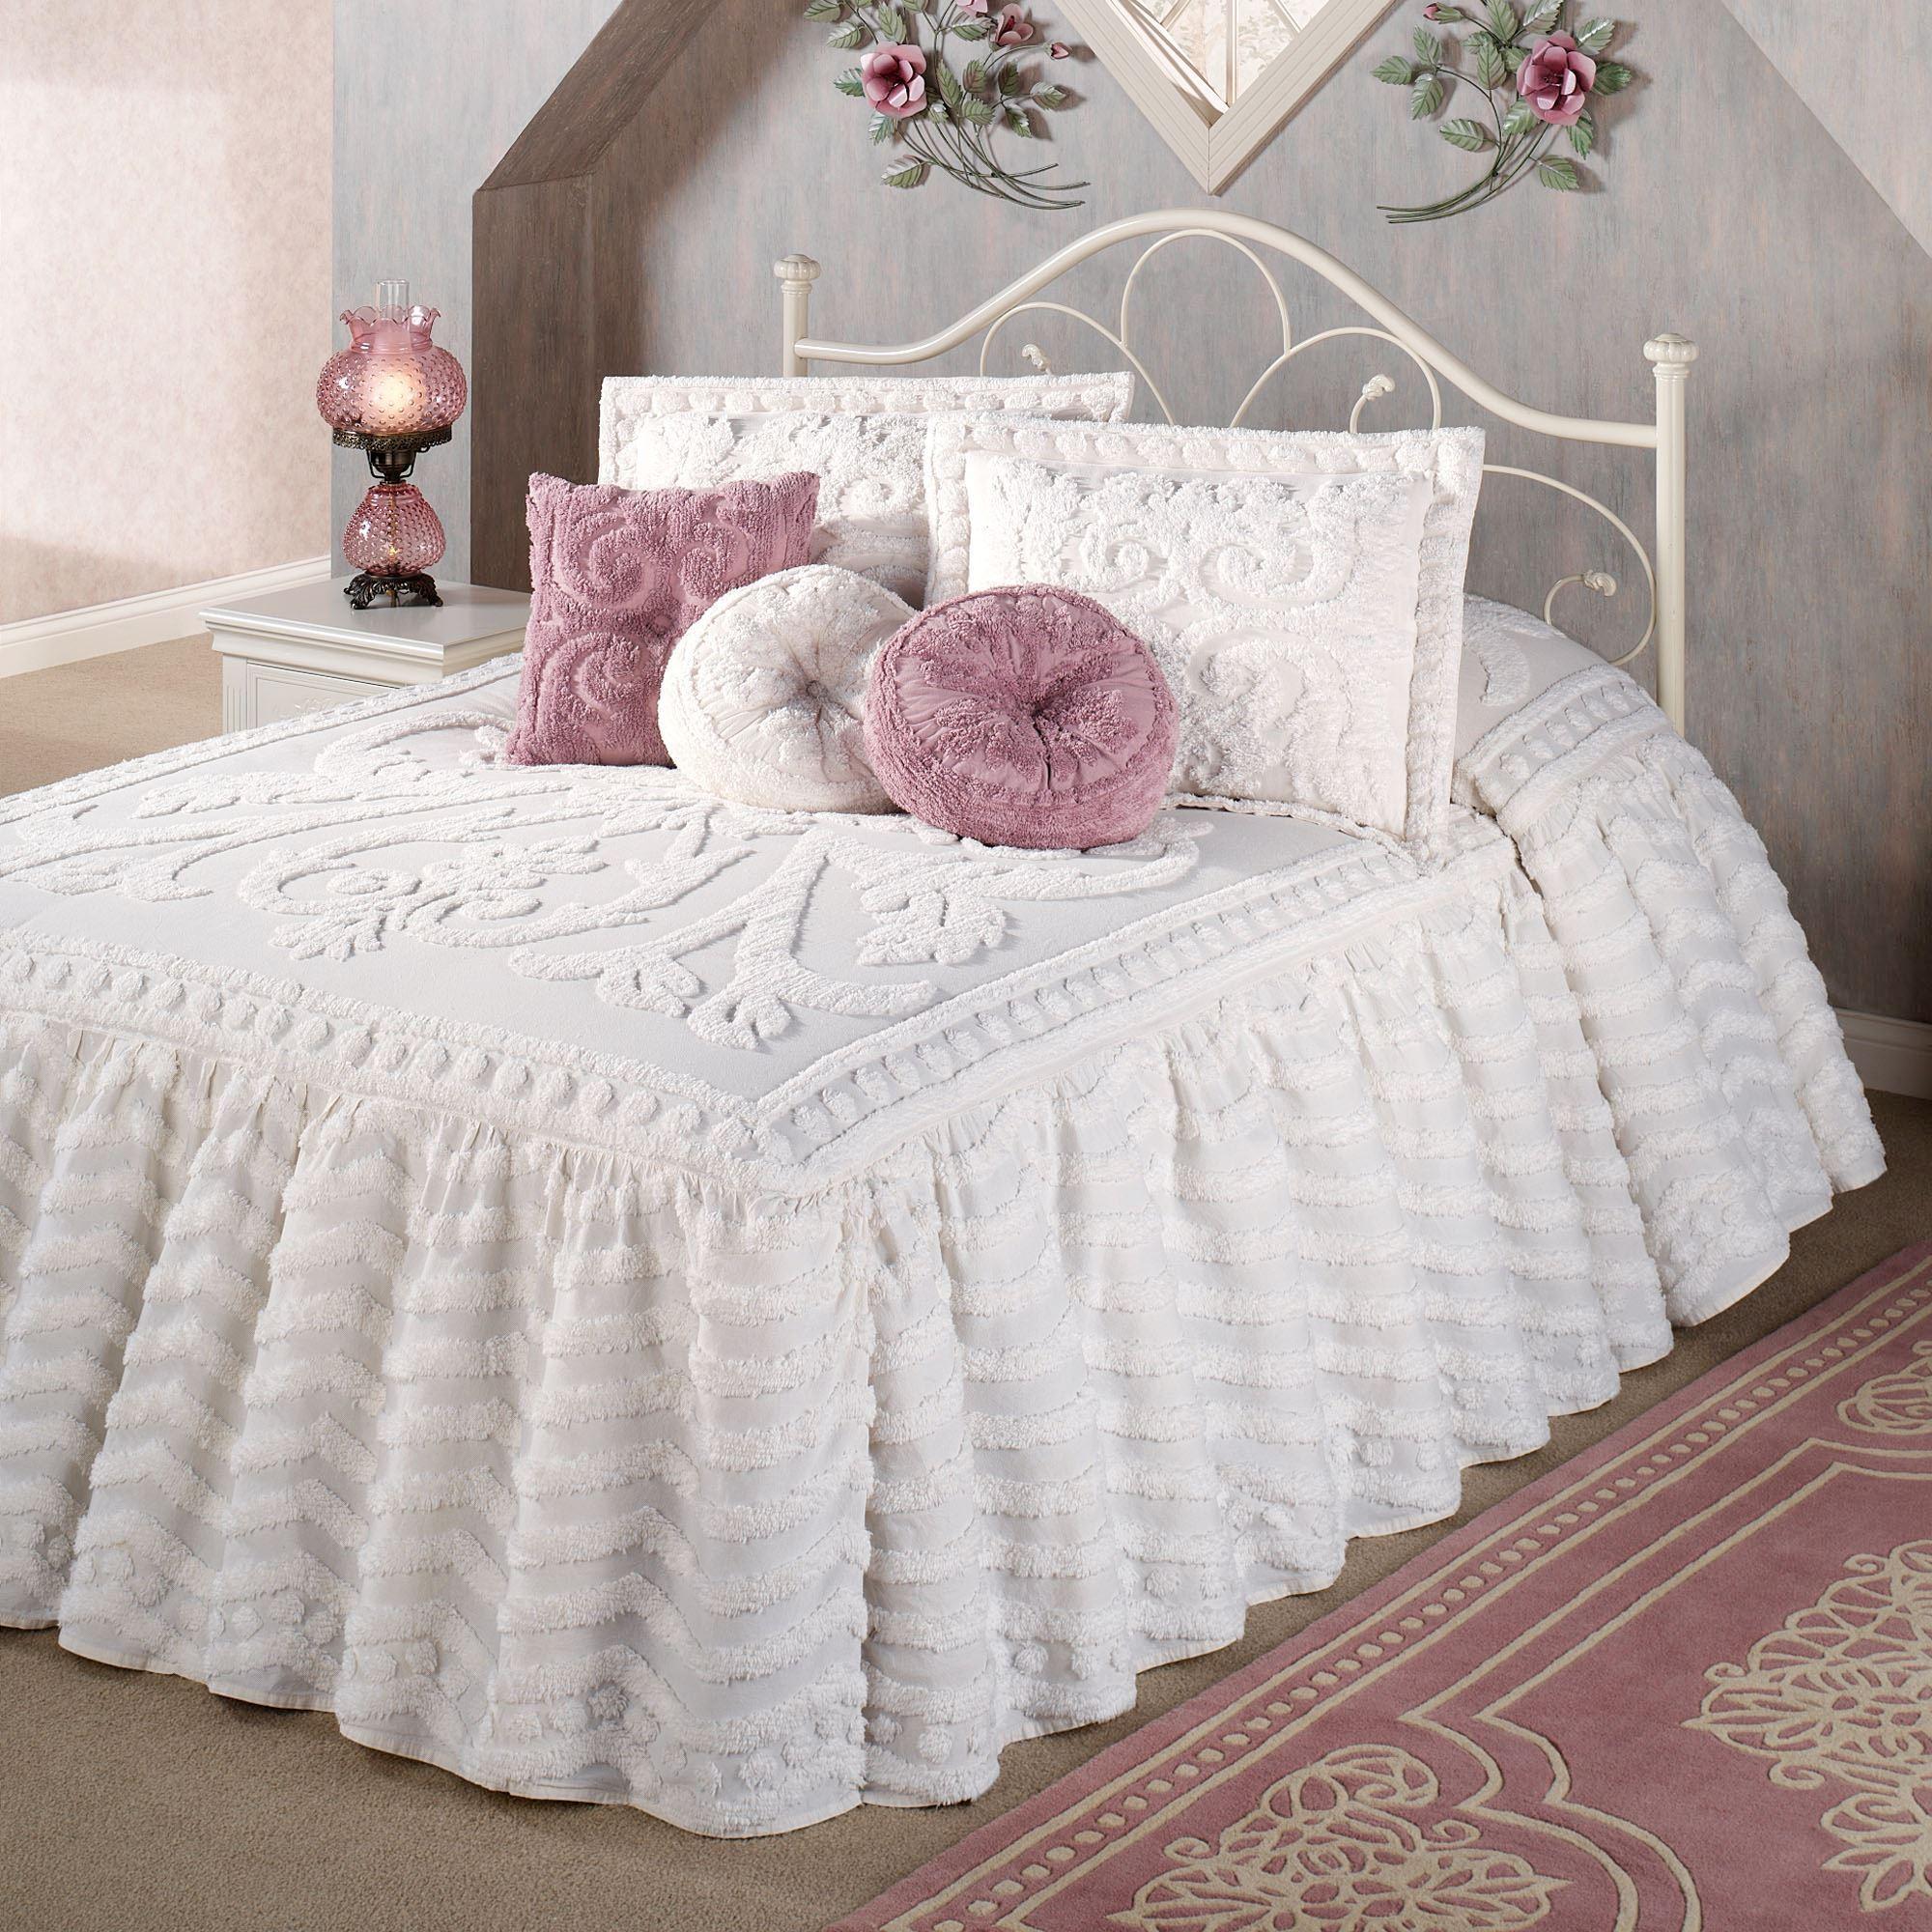 a005-001_6-jpg.77441 Yatak örtüsü modellerinde şıklık için buraya! Melekler Mekanı Forum